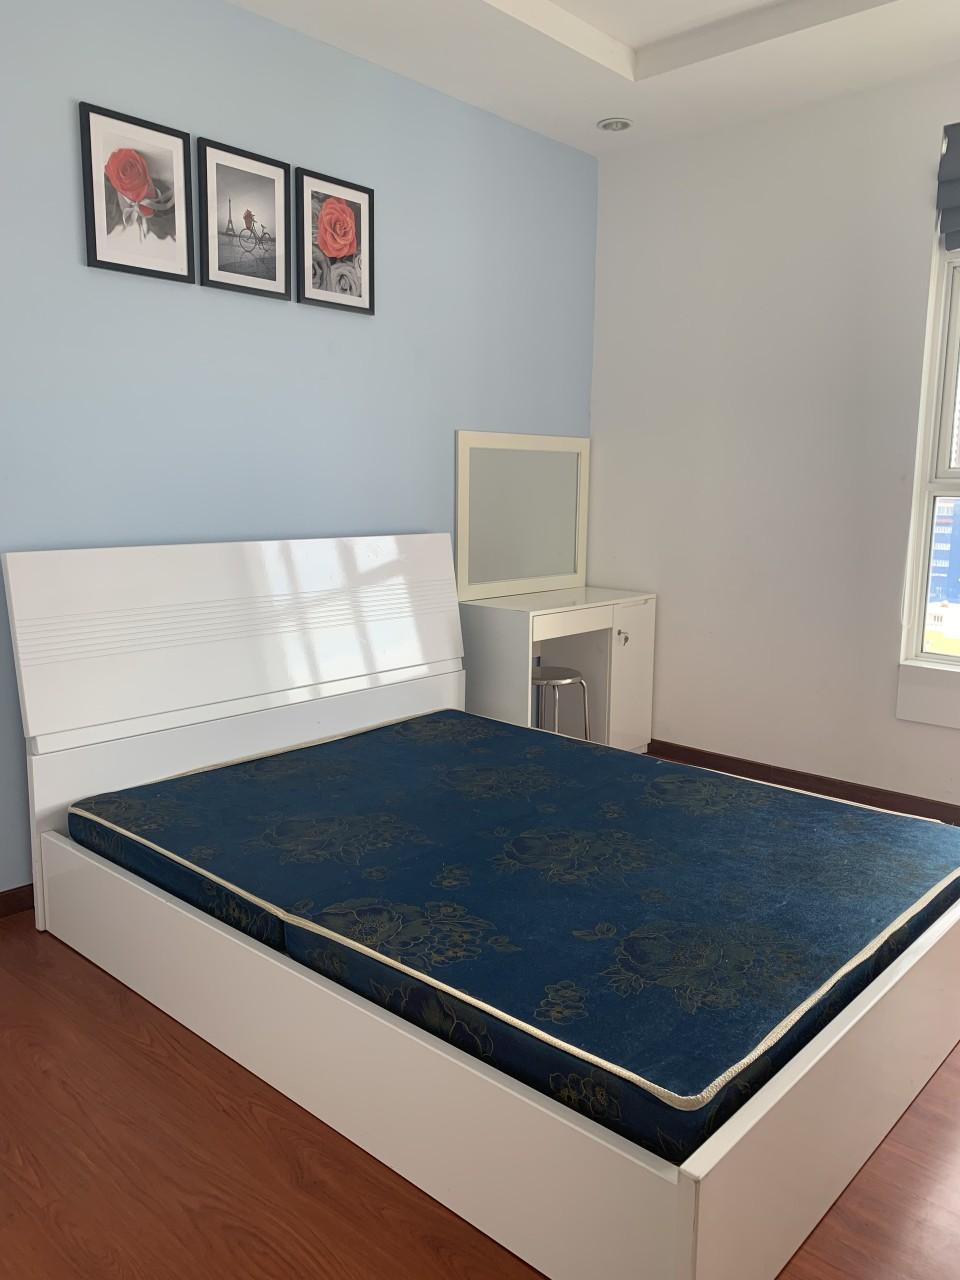 Cho thuê Hoàng Anh Thanh Bình - 3 phòng ngủ - 2 wc